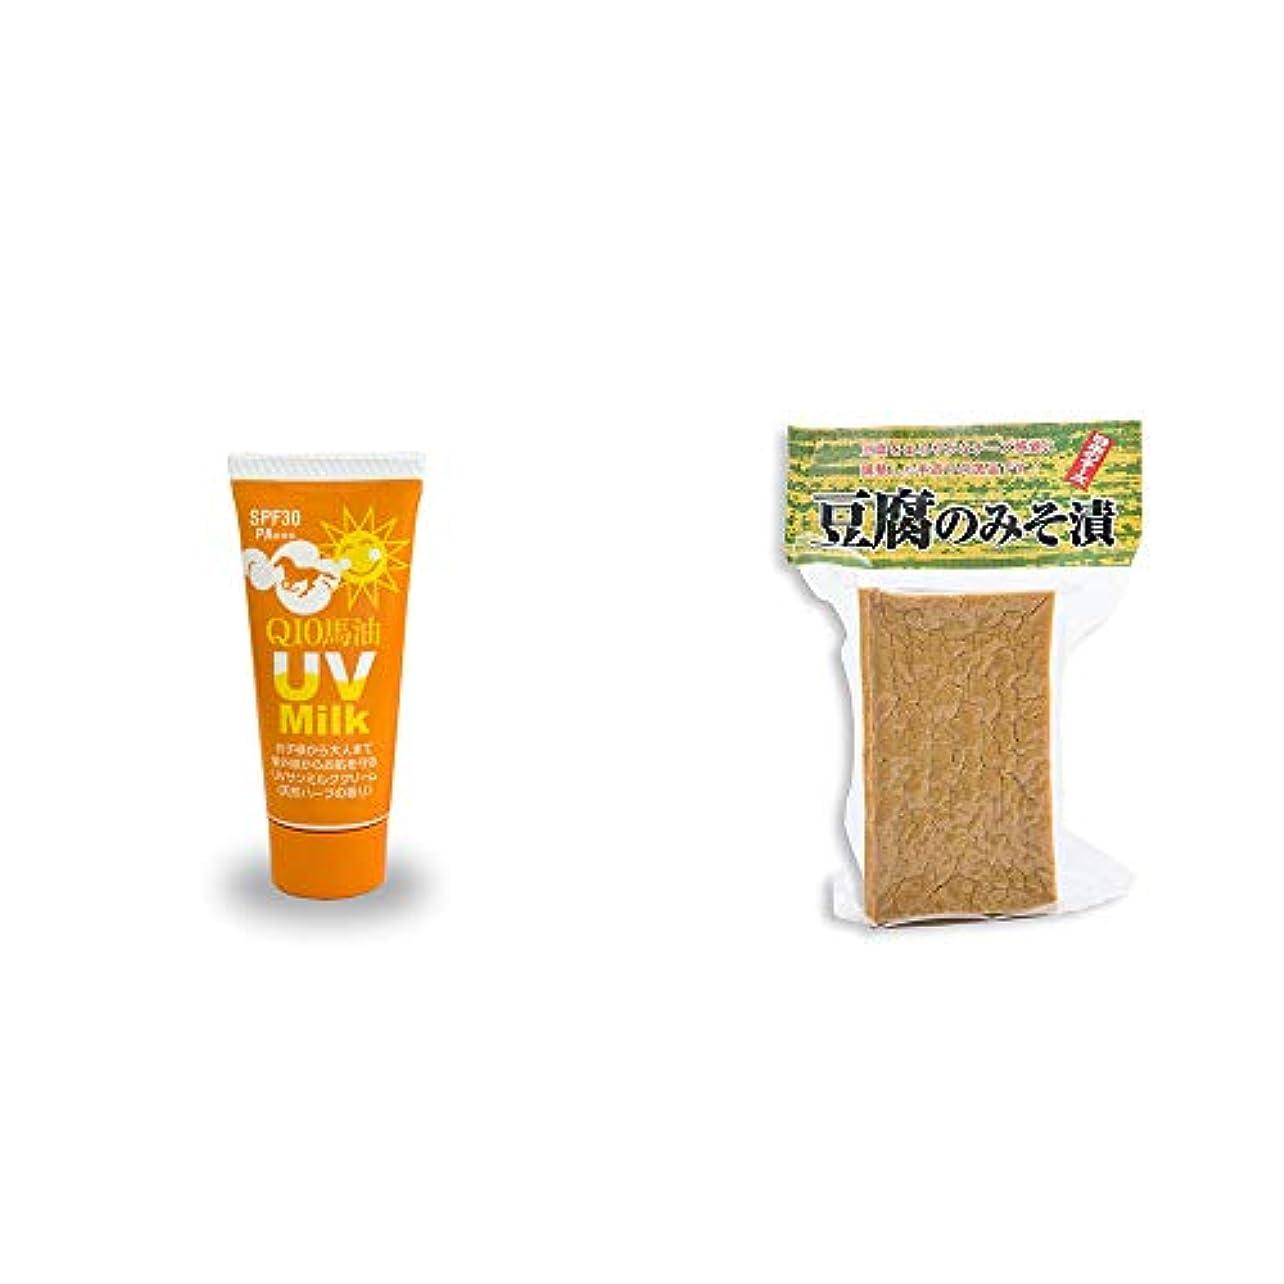 [2点セット] 炭黒泉 Q10馬油 UVサンミルク[天然ハーブ](40g)?日本のチーズ 豆腐のみそ漬(1個入)